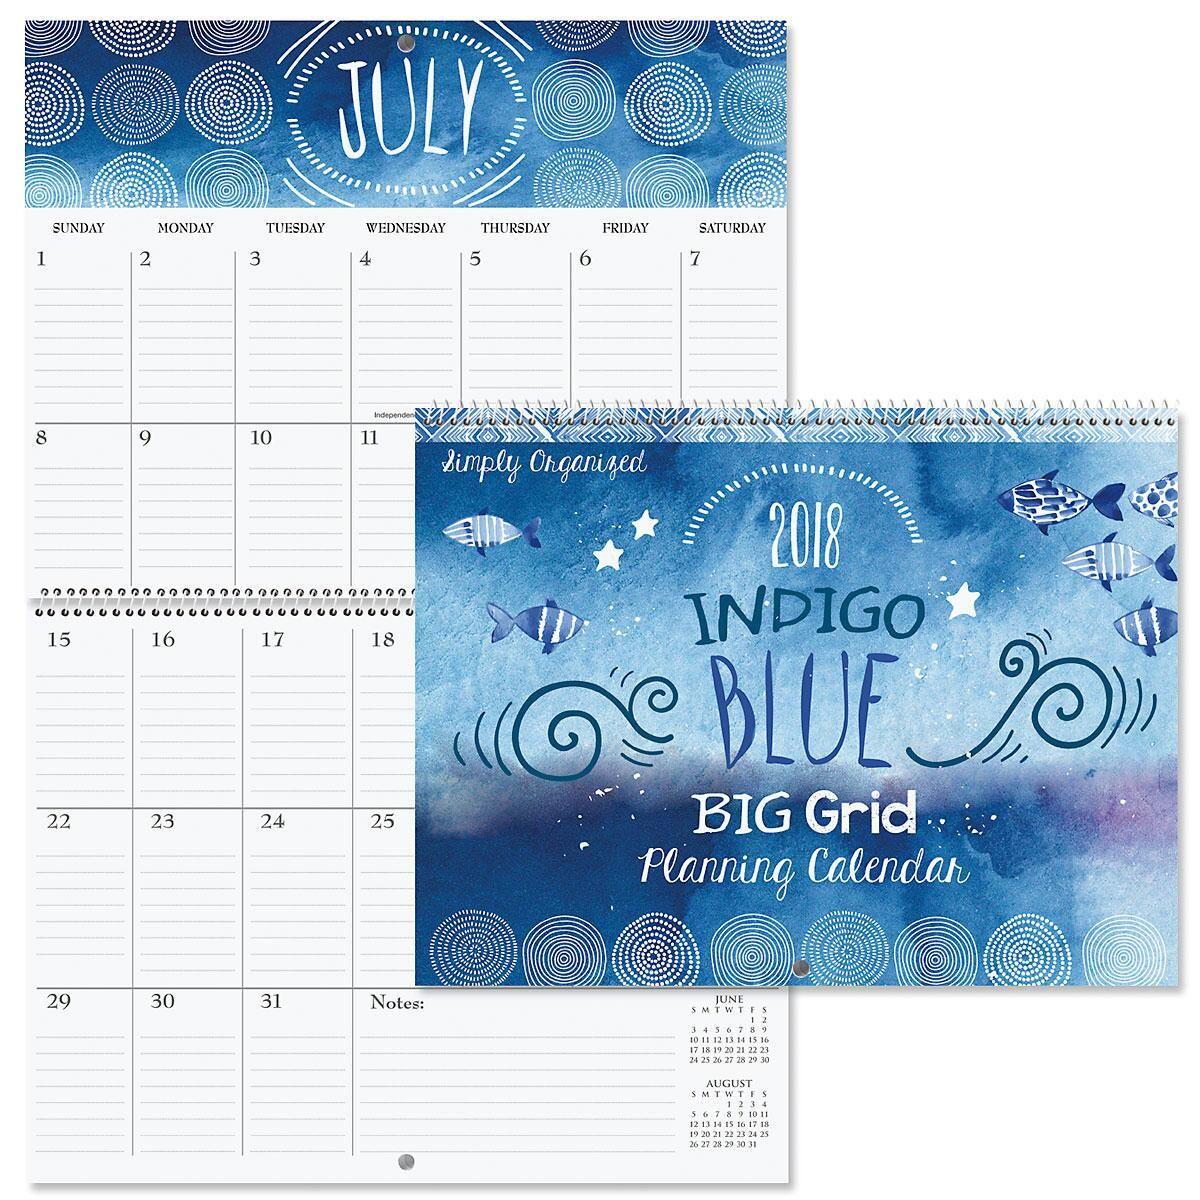 2018 Indigo Blue Big Grid Planning Calendar